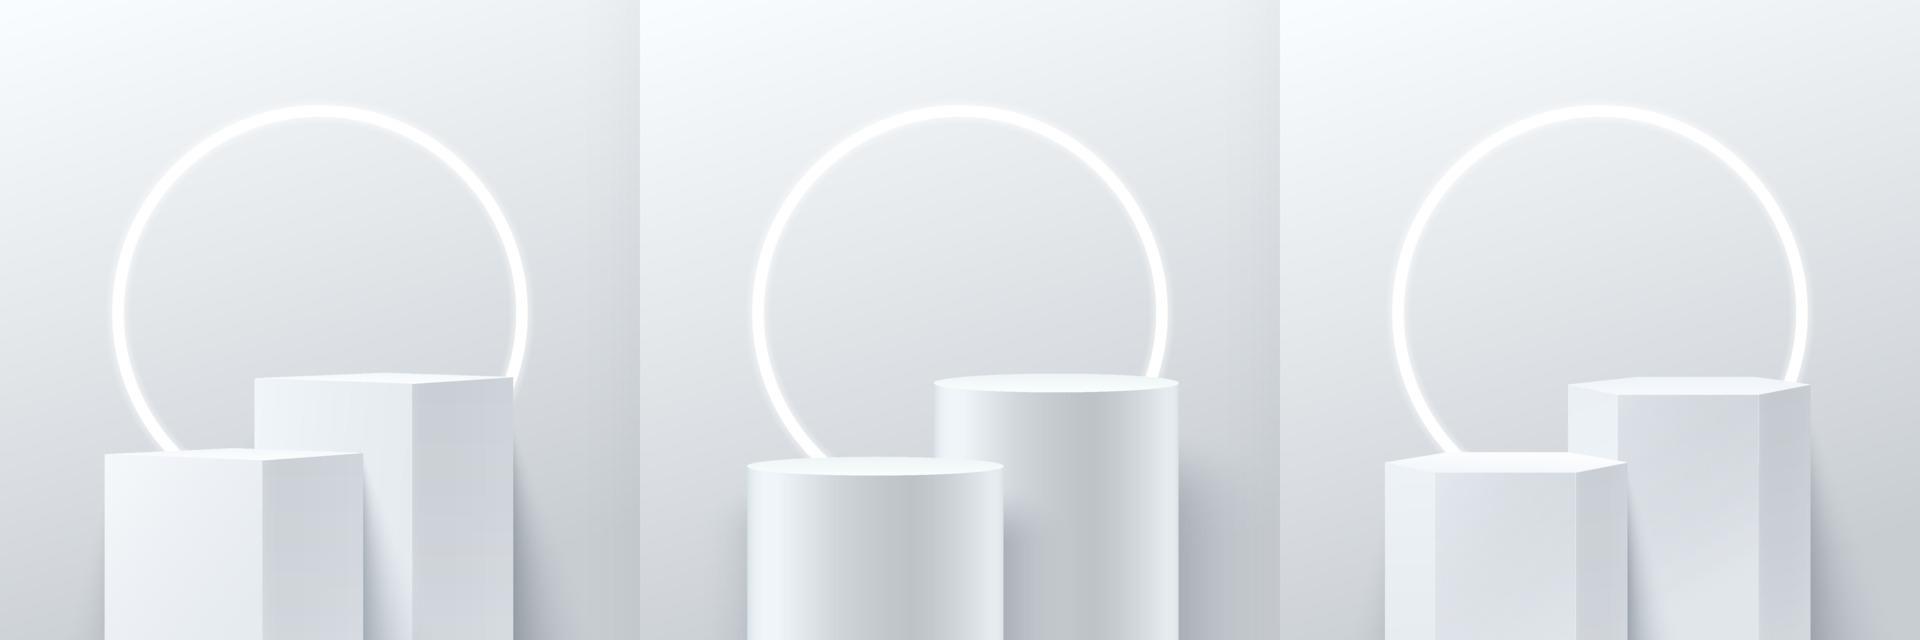 Satz abstrakte Würfel runde und Sechseckanzeige für Produkt auf Website in modernem Design. Hintergrund-Rendering mit Podium und minimaler Textur-Wandszene, 3D-Rendering geometrische Form weiße graue Farbe. vektor